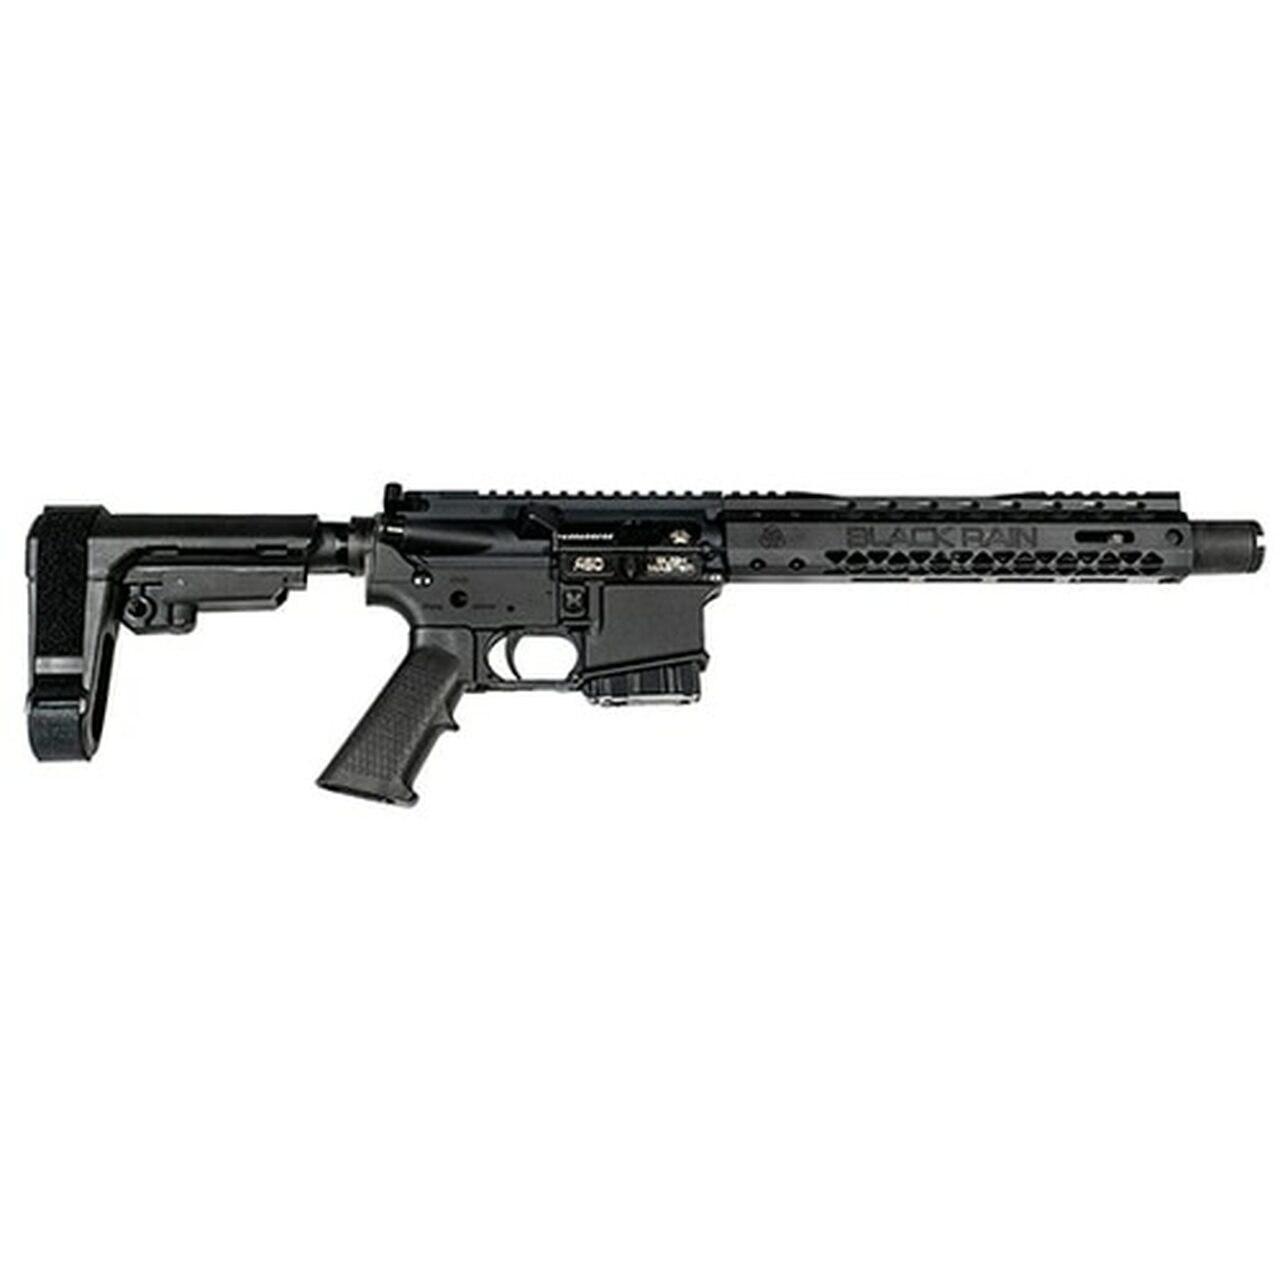 """Image of Black Rain Ordnance Spec15 Pistol, .450 Bushmaster, 10.5"""", SBA3 Pistol Brace, Black"""